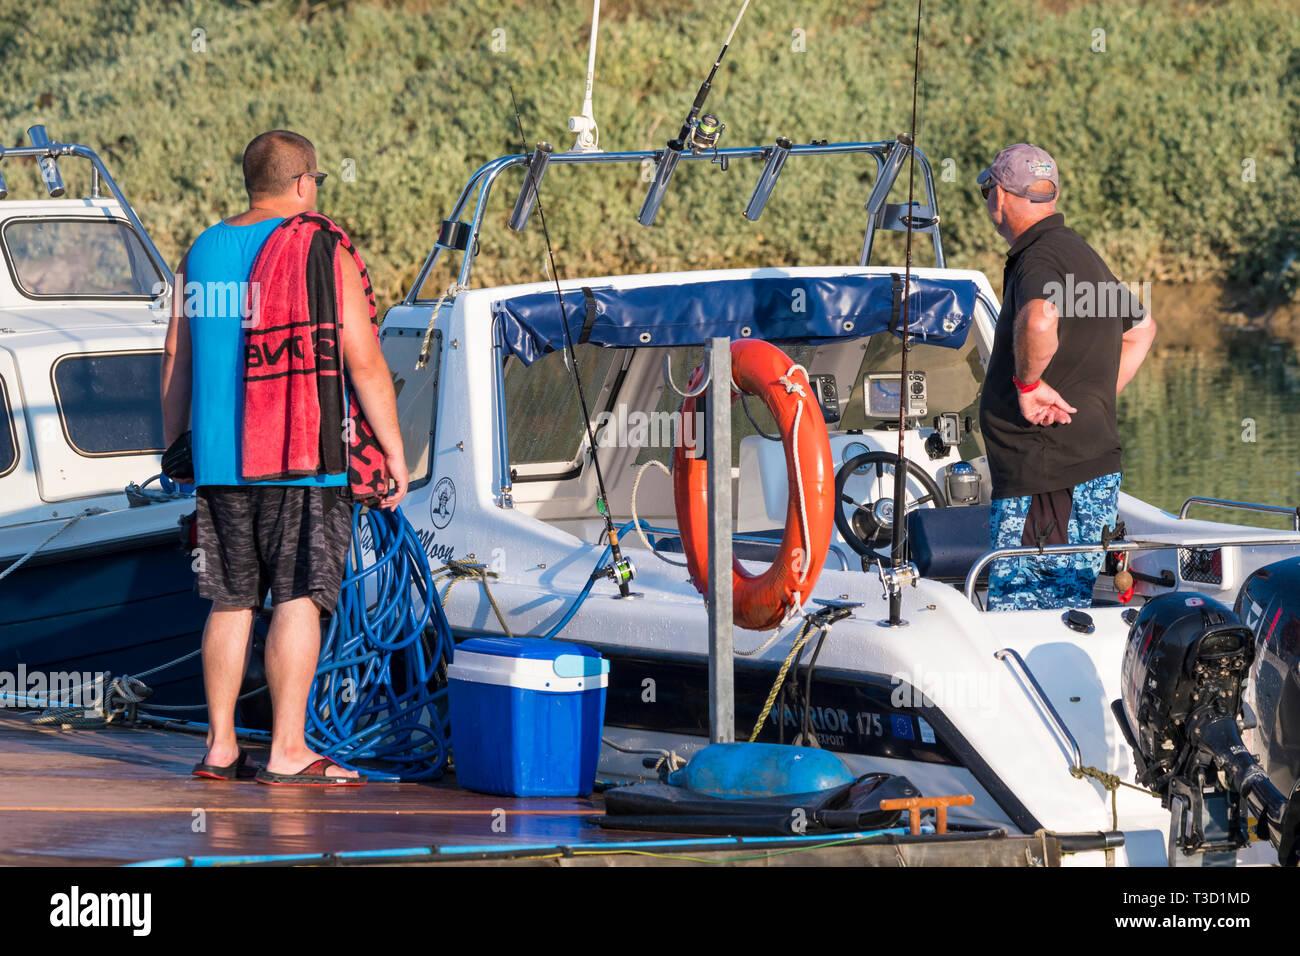 2 im mittleren Alter stehende Männer plaudern auf ein Boot, was mit ähnlichen Interessen. Boating Lifestyle. Stockbild